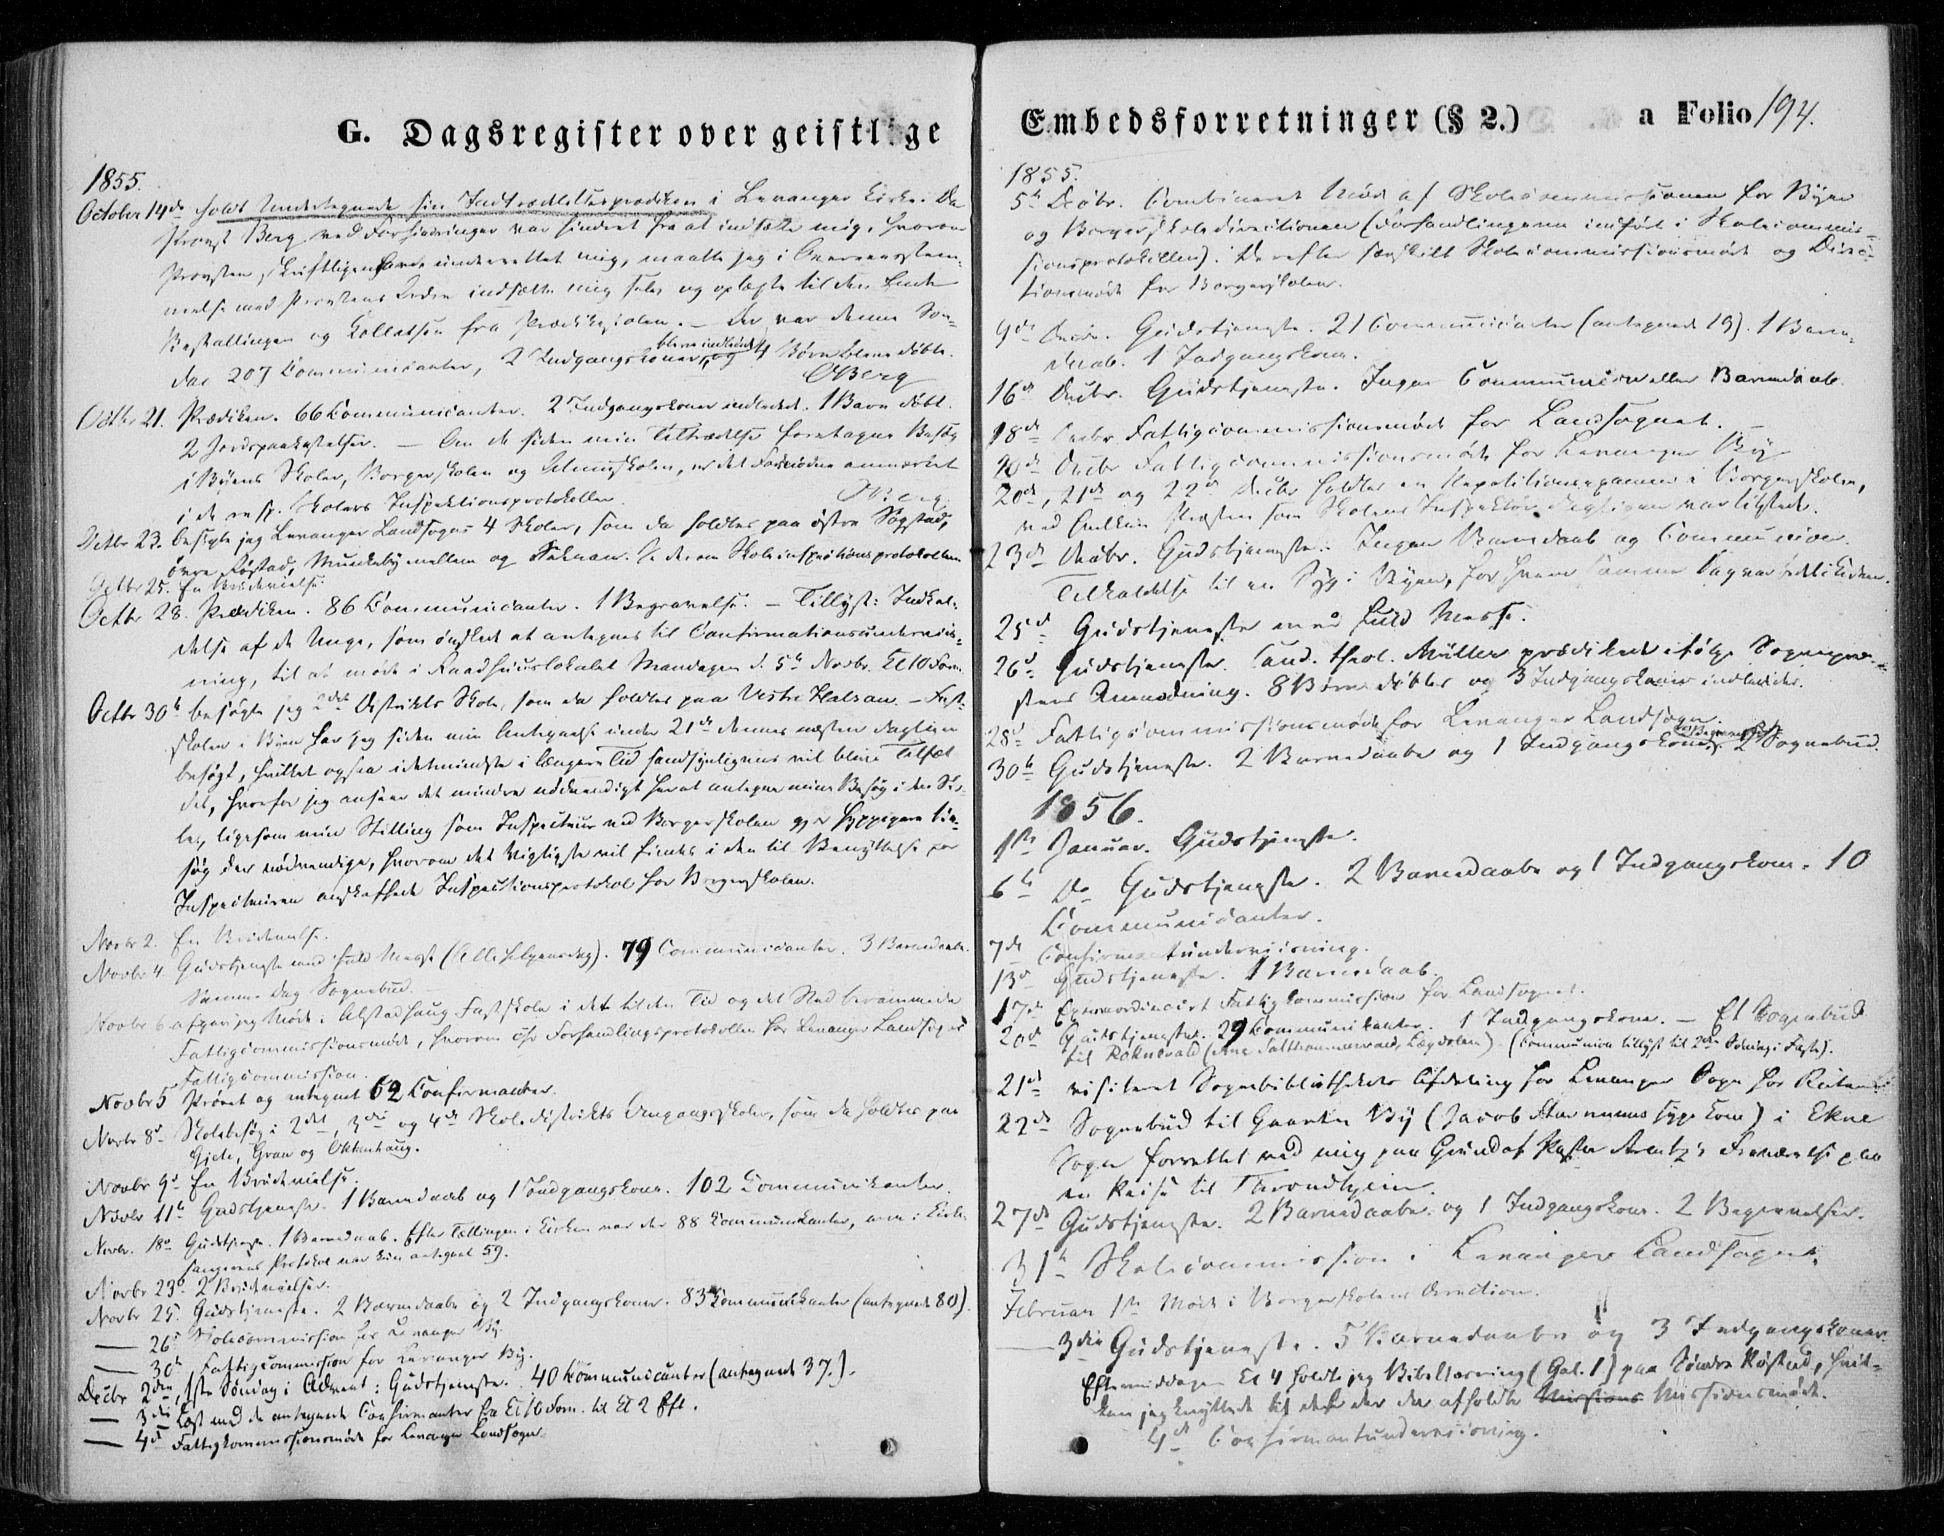 SAT, Ministerialprotokoller, klokkerbøker og fødselsregistre - Nord-Trøndelag, 720/L0184: Ministerialbok nr. 720A02 /1, 1855-1863, s. 194